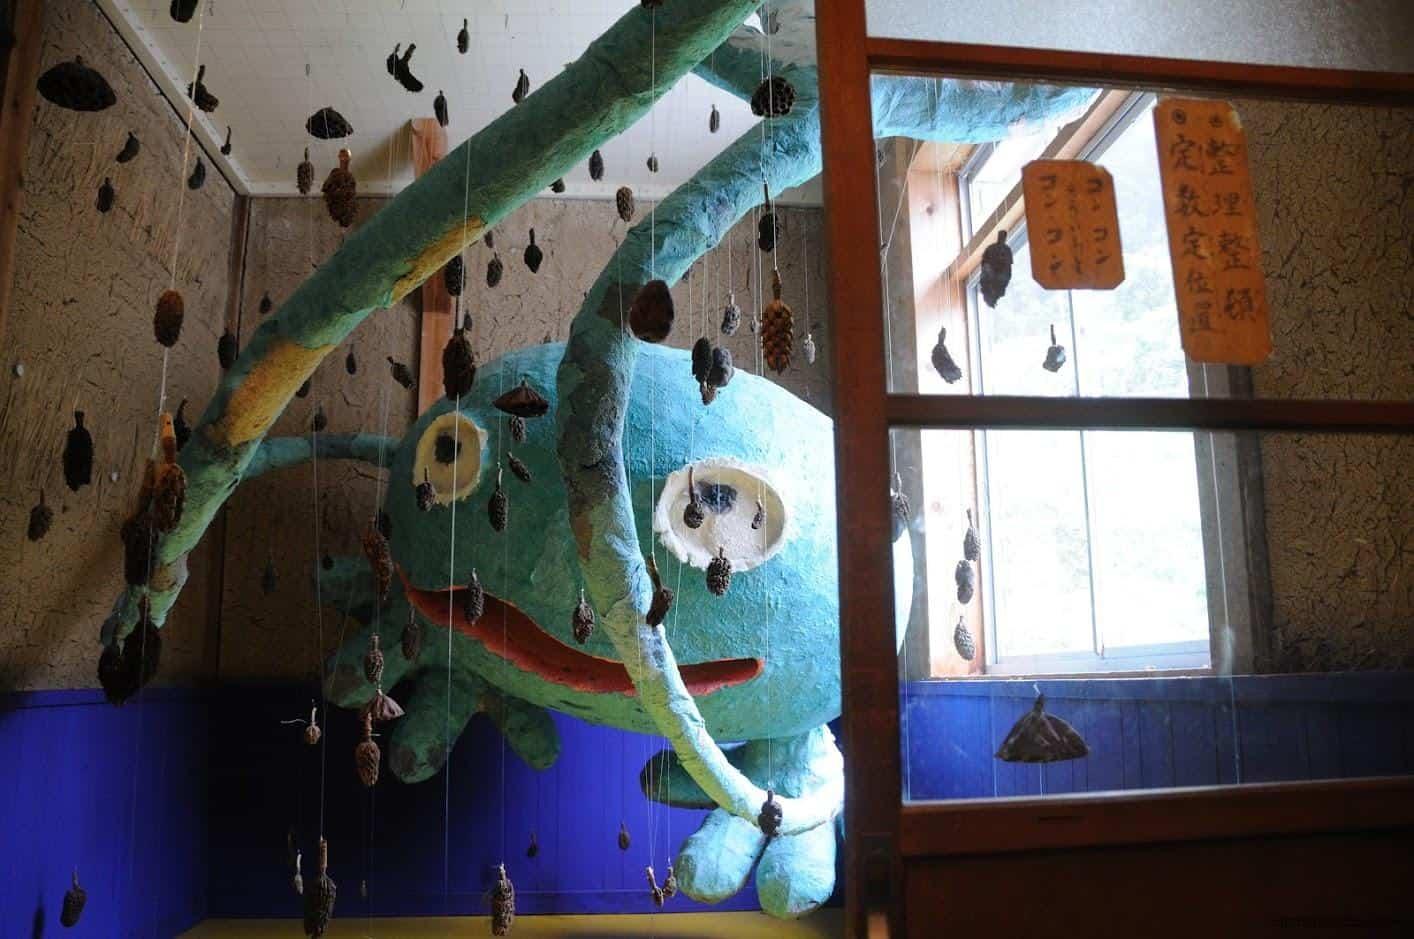 田島征三,繪本和樹木果實美術館,躲在角落的怪物,彷彿隨時會從暗處伸出觸角把人抓進去 繪本和樹木果實美術館 繪本和樹木果實美術館 hachi seizo tashima museum of picture book art 05